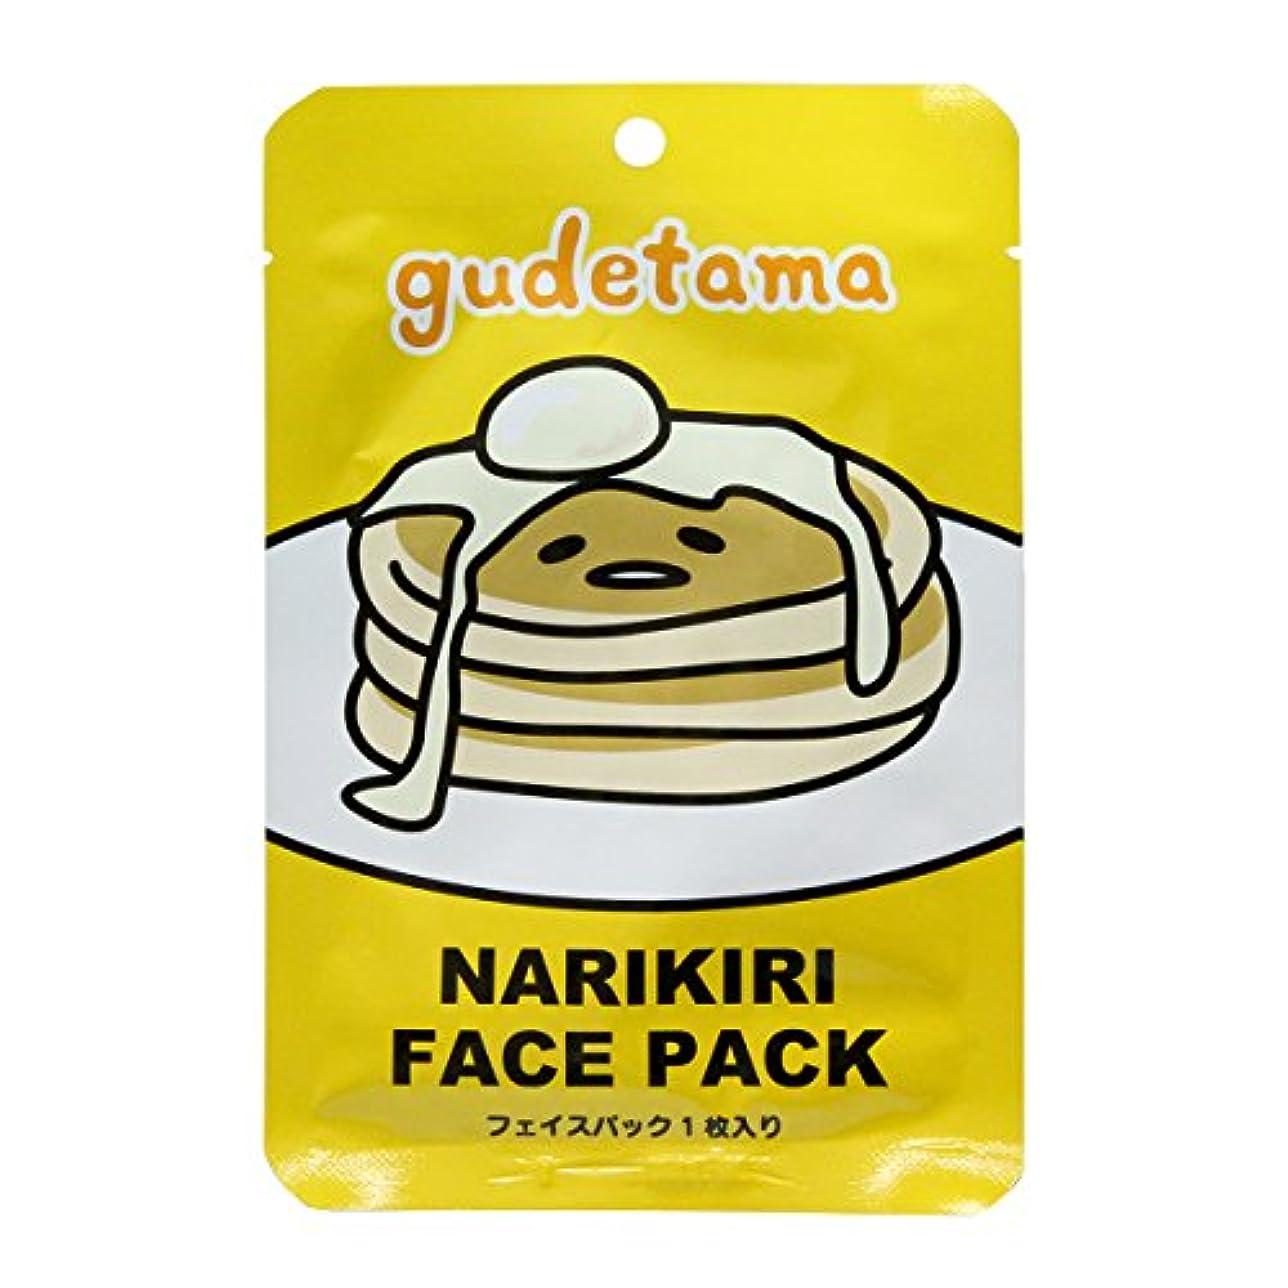 楽観影のあるドラッグぐでたま なりきりフェイスパック パンケーキ バニラの香り (20mL × 1枚入)